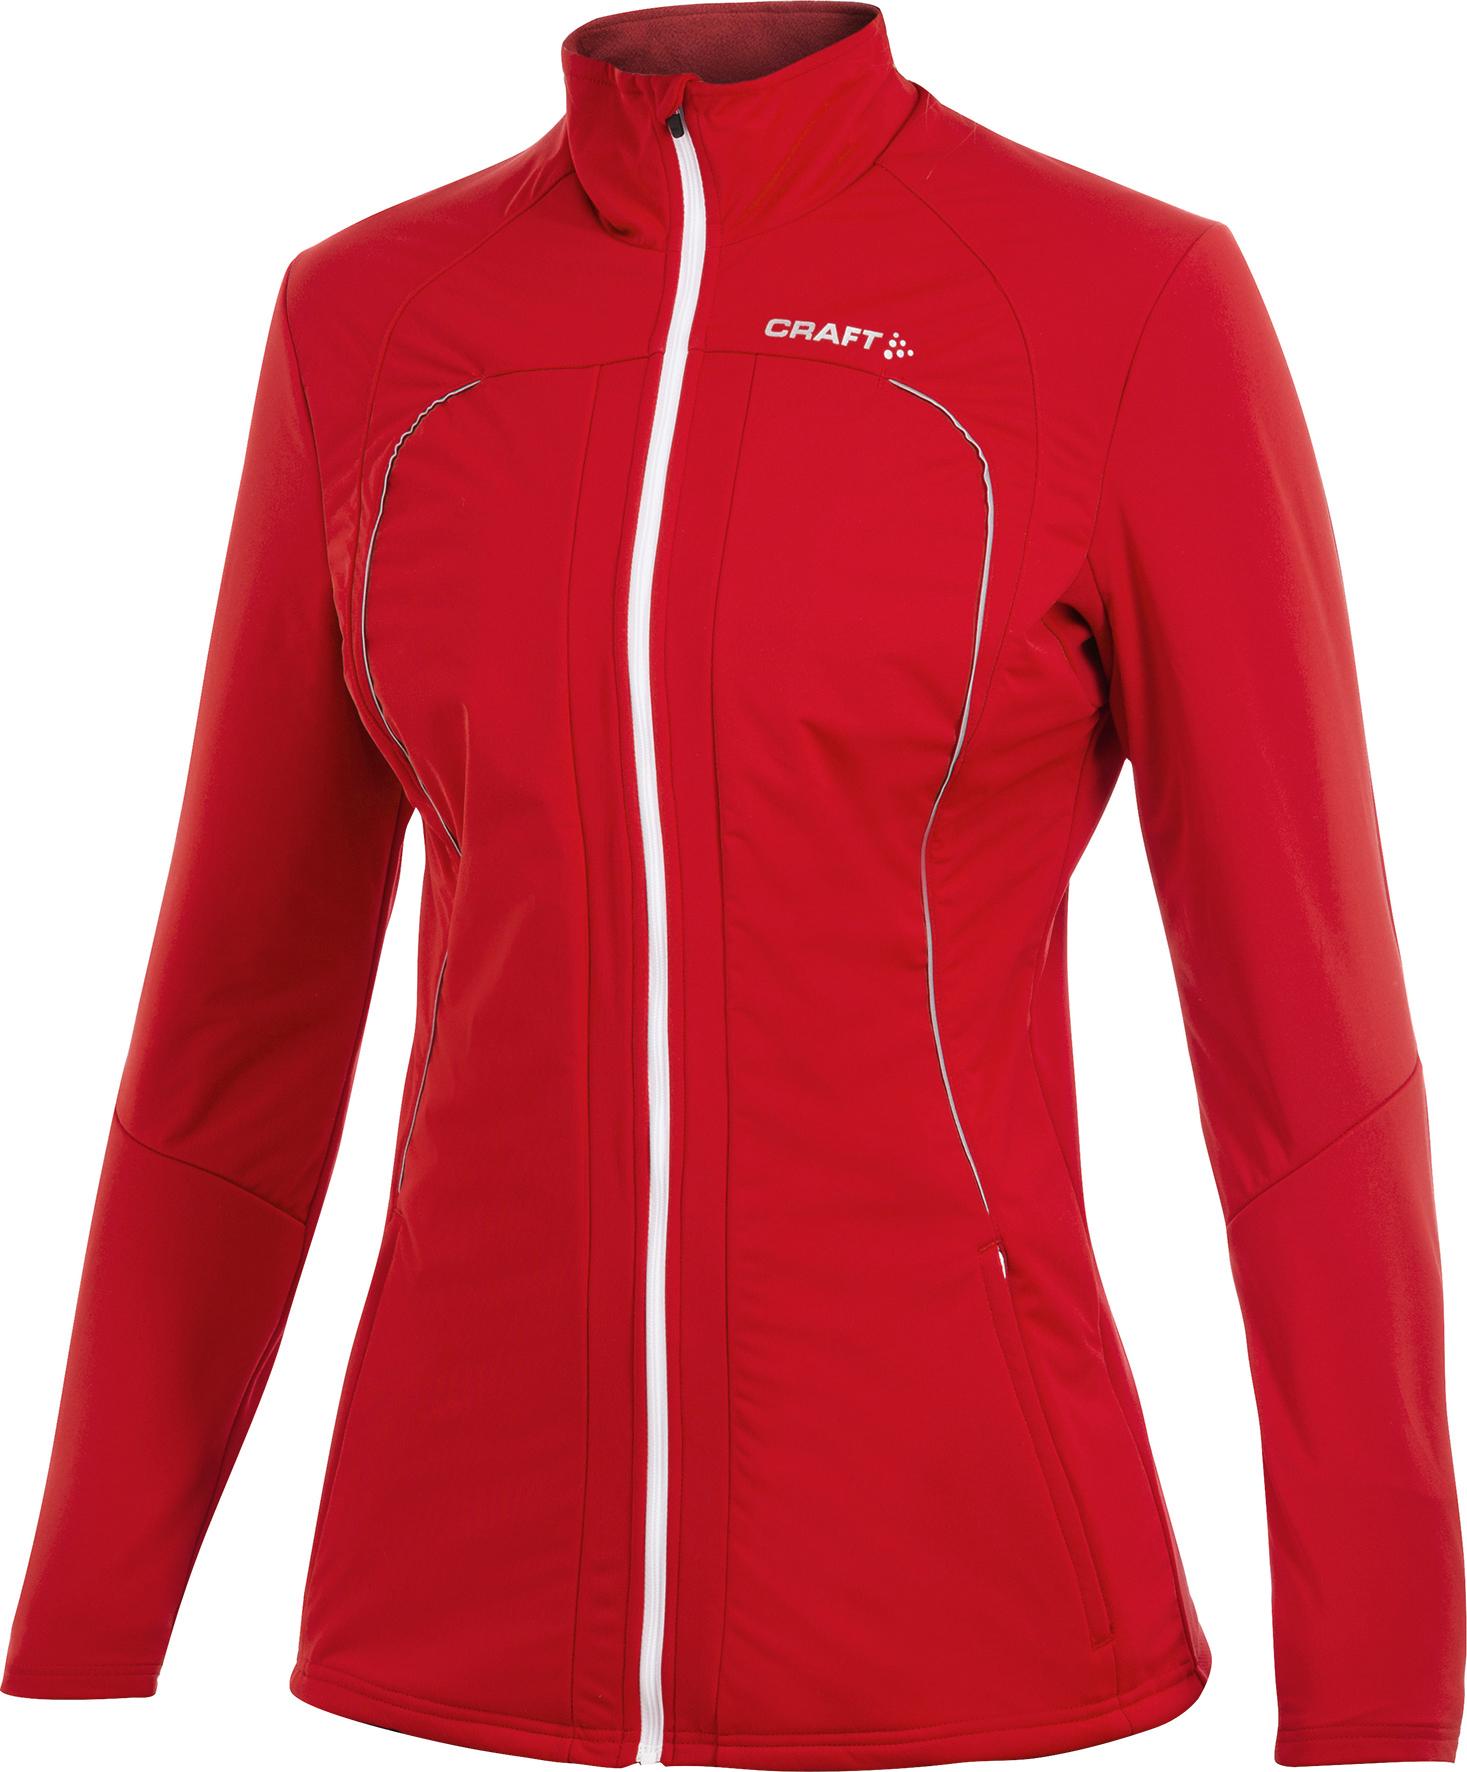 Женская лыжная куртка Craft Storm Red (194663-1430)